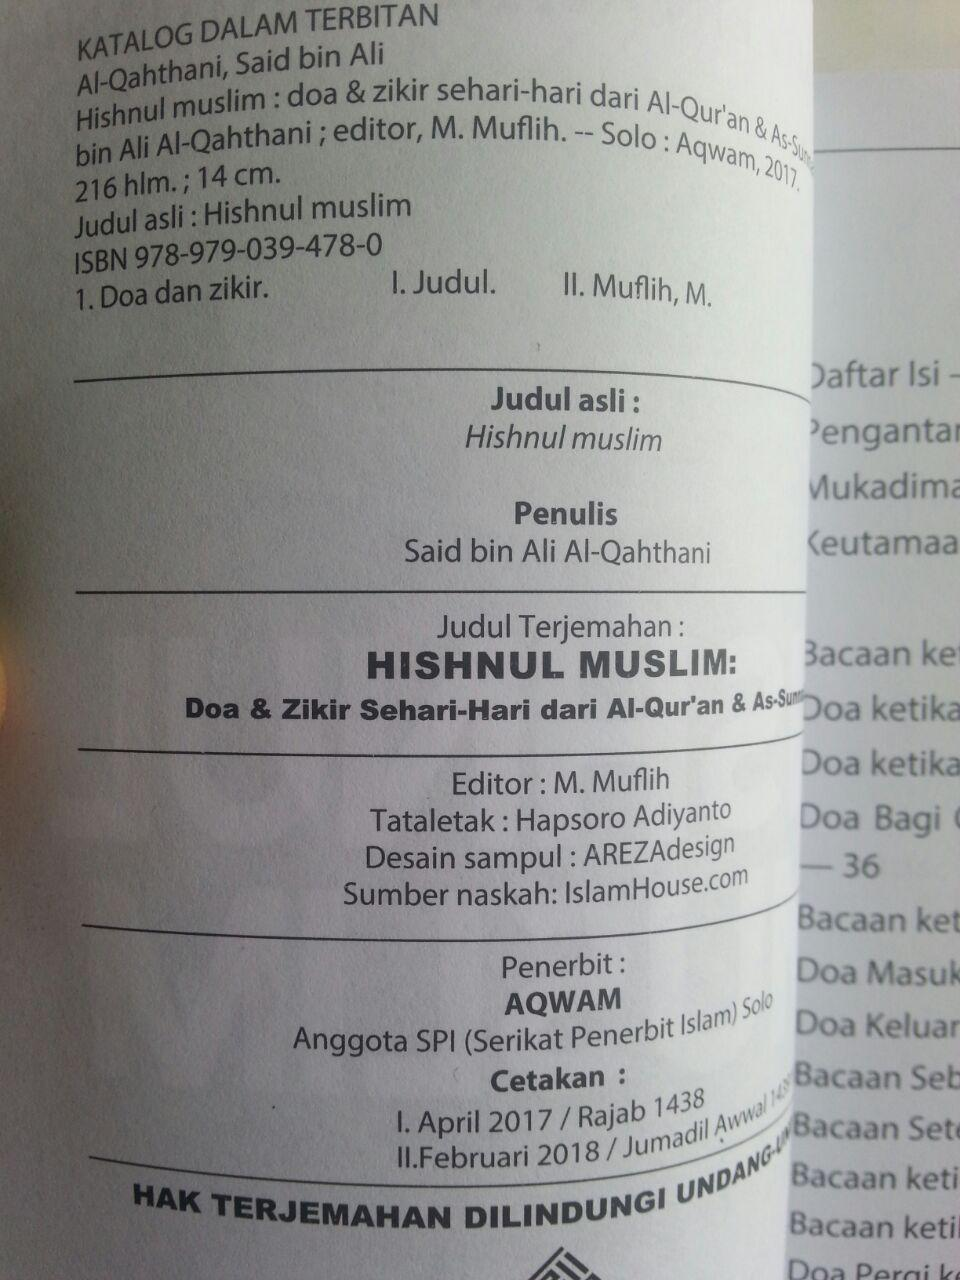 Buku Hishnul Muslim Doa Dan Zikir Sehari-Hari Dari Quran Sunnah isi